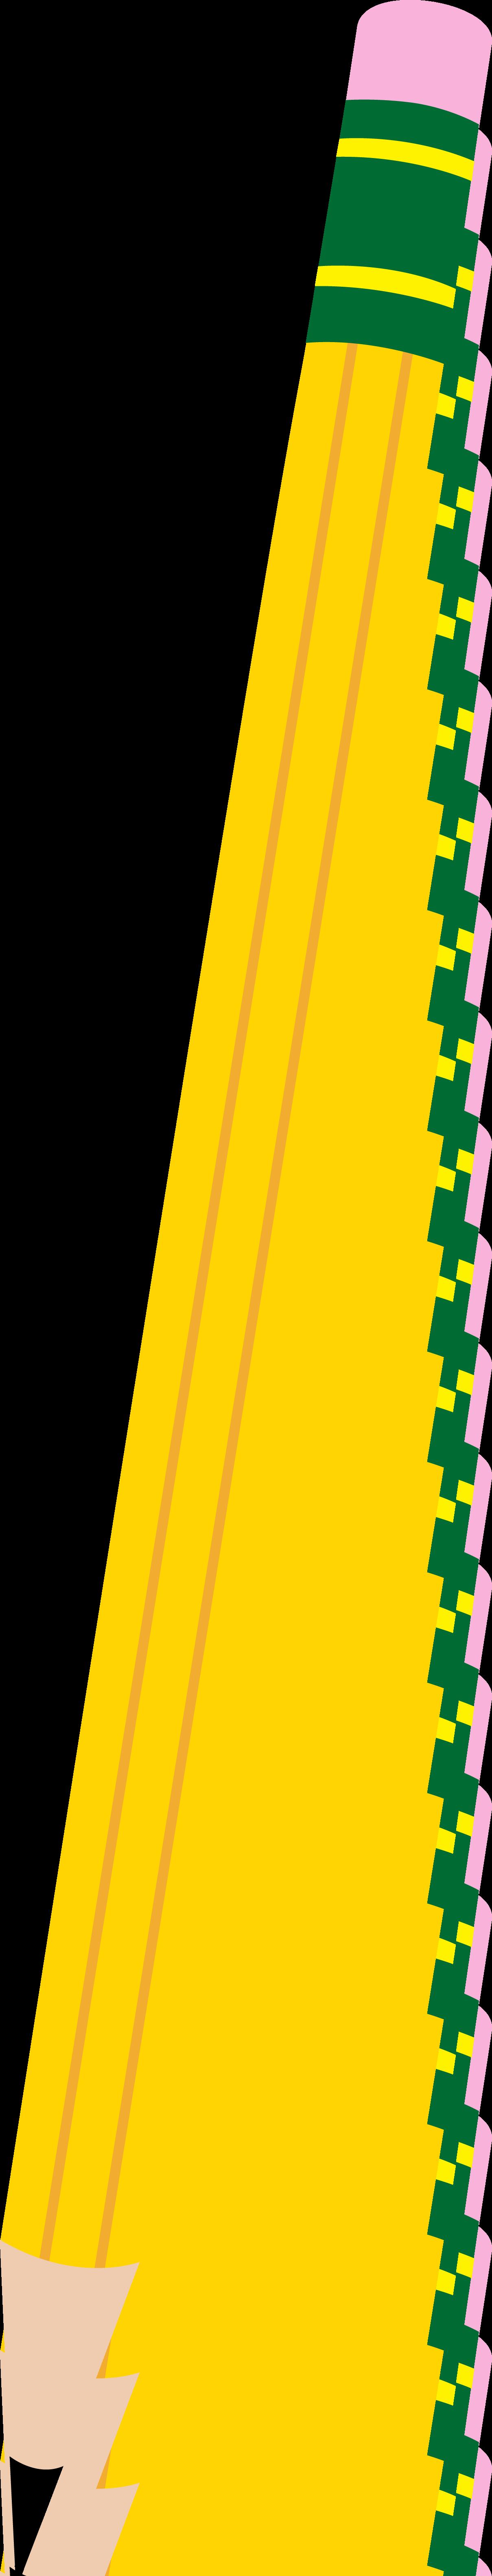 Clipart pencil school. Clip art free images